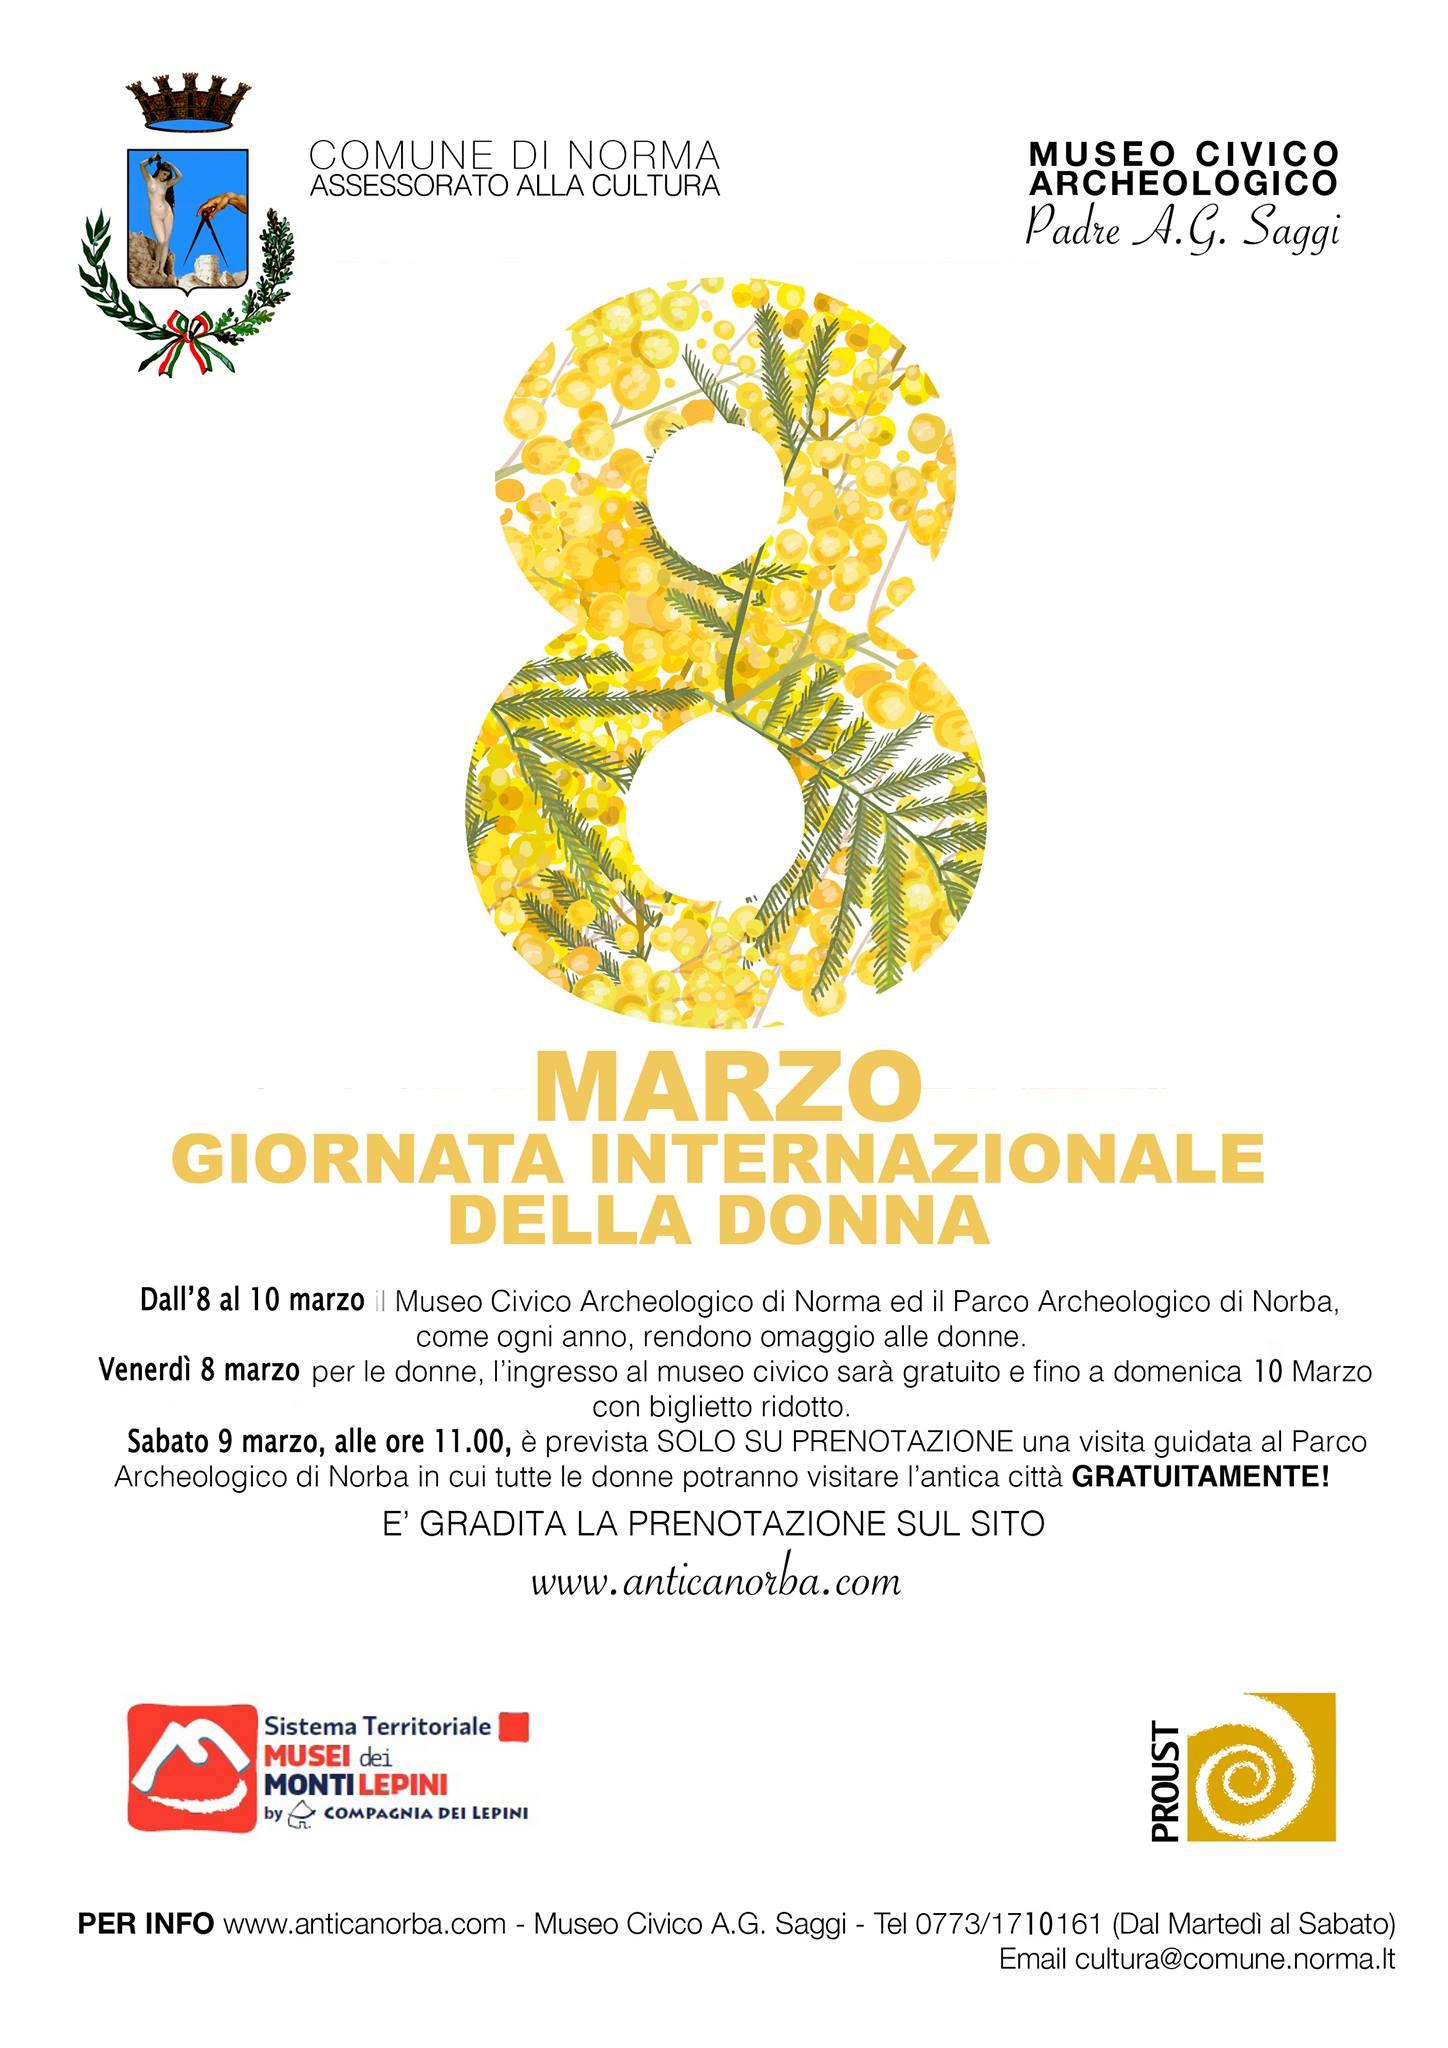 Norma: Giornata internazionale della donna @ Museo Civico Archeologico | Norma | Lazio | Italia